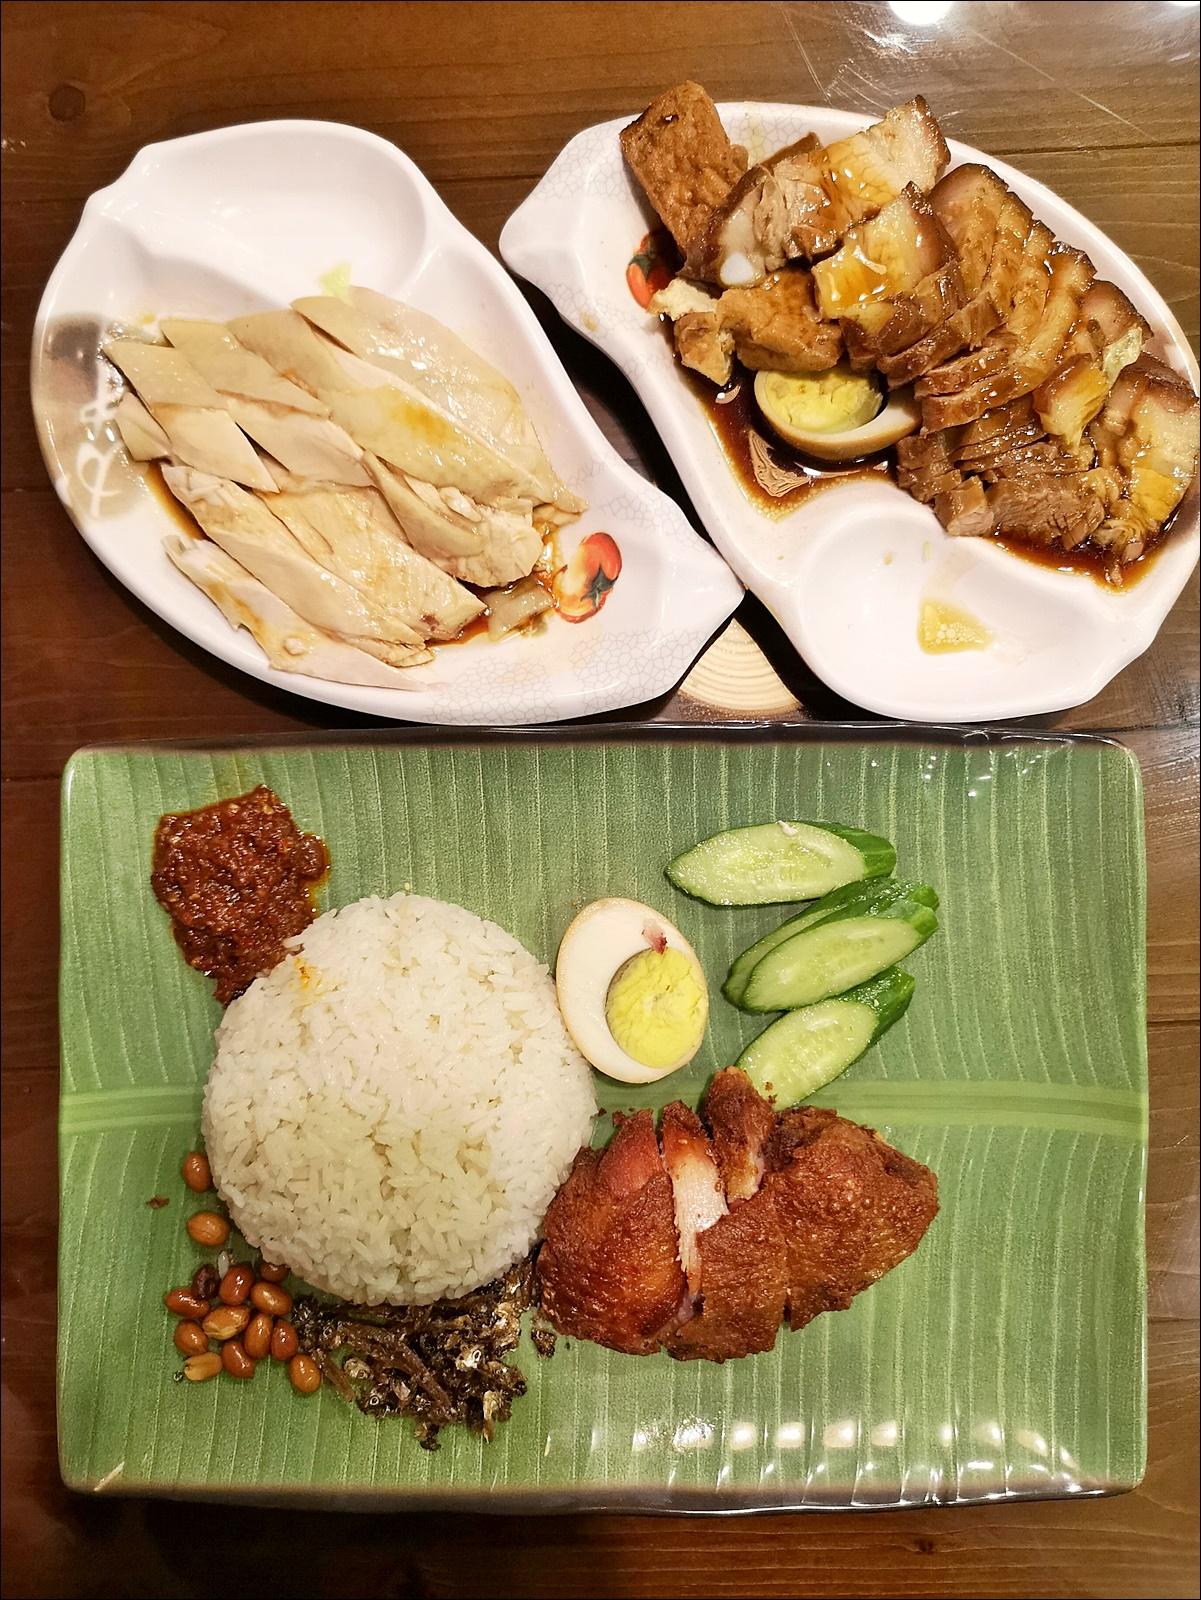 新馬小廚|臺中海南雞飯推薦,價位不貴又好吃,想吃雞腿要趁早 | 酷麥克同名網誌